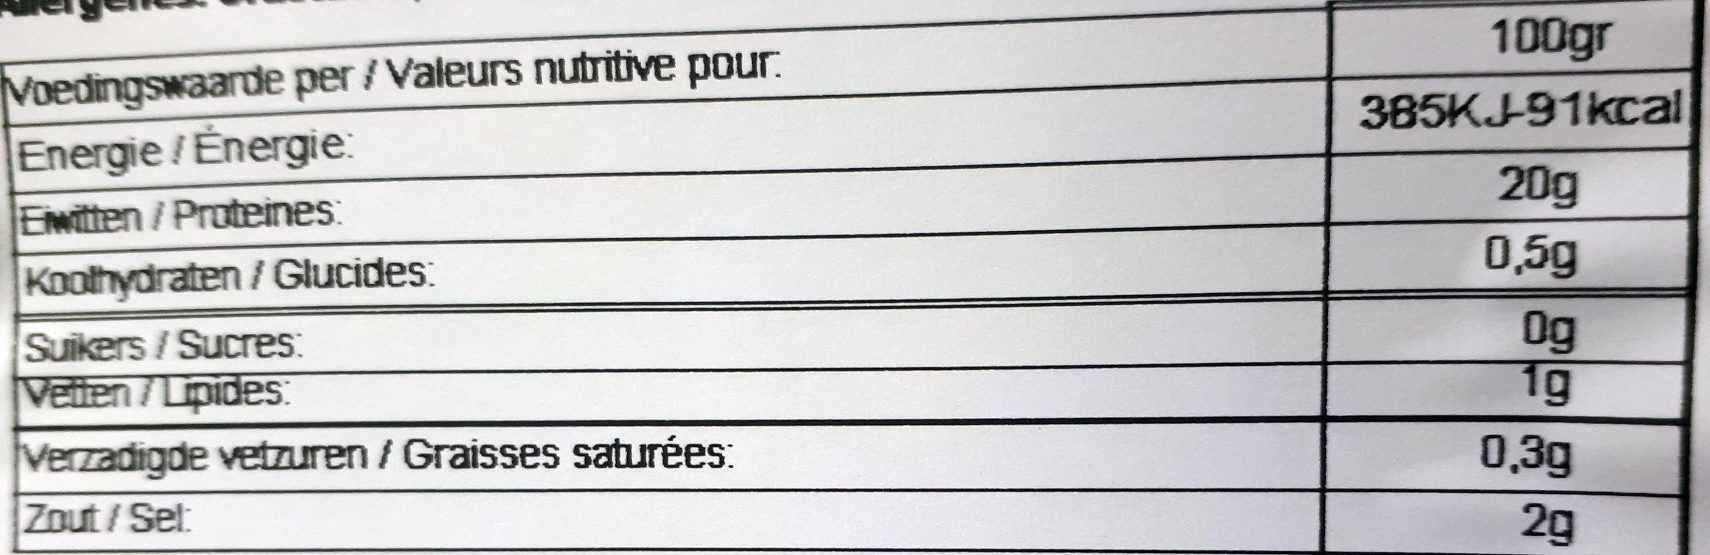 Crevettes grises - Informations nutritionnelles - fr